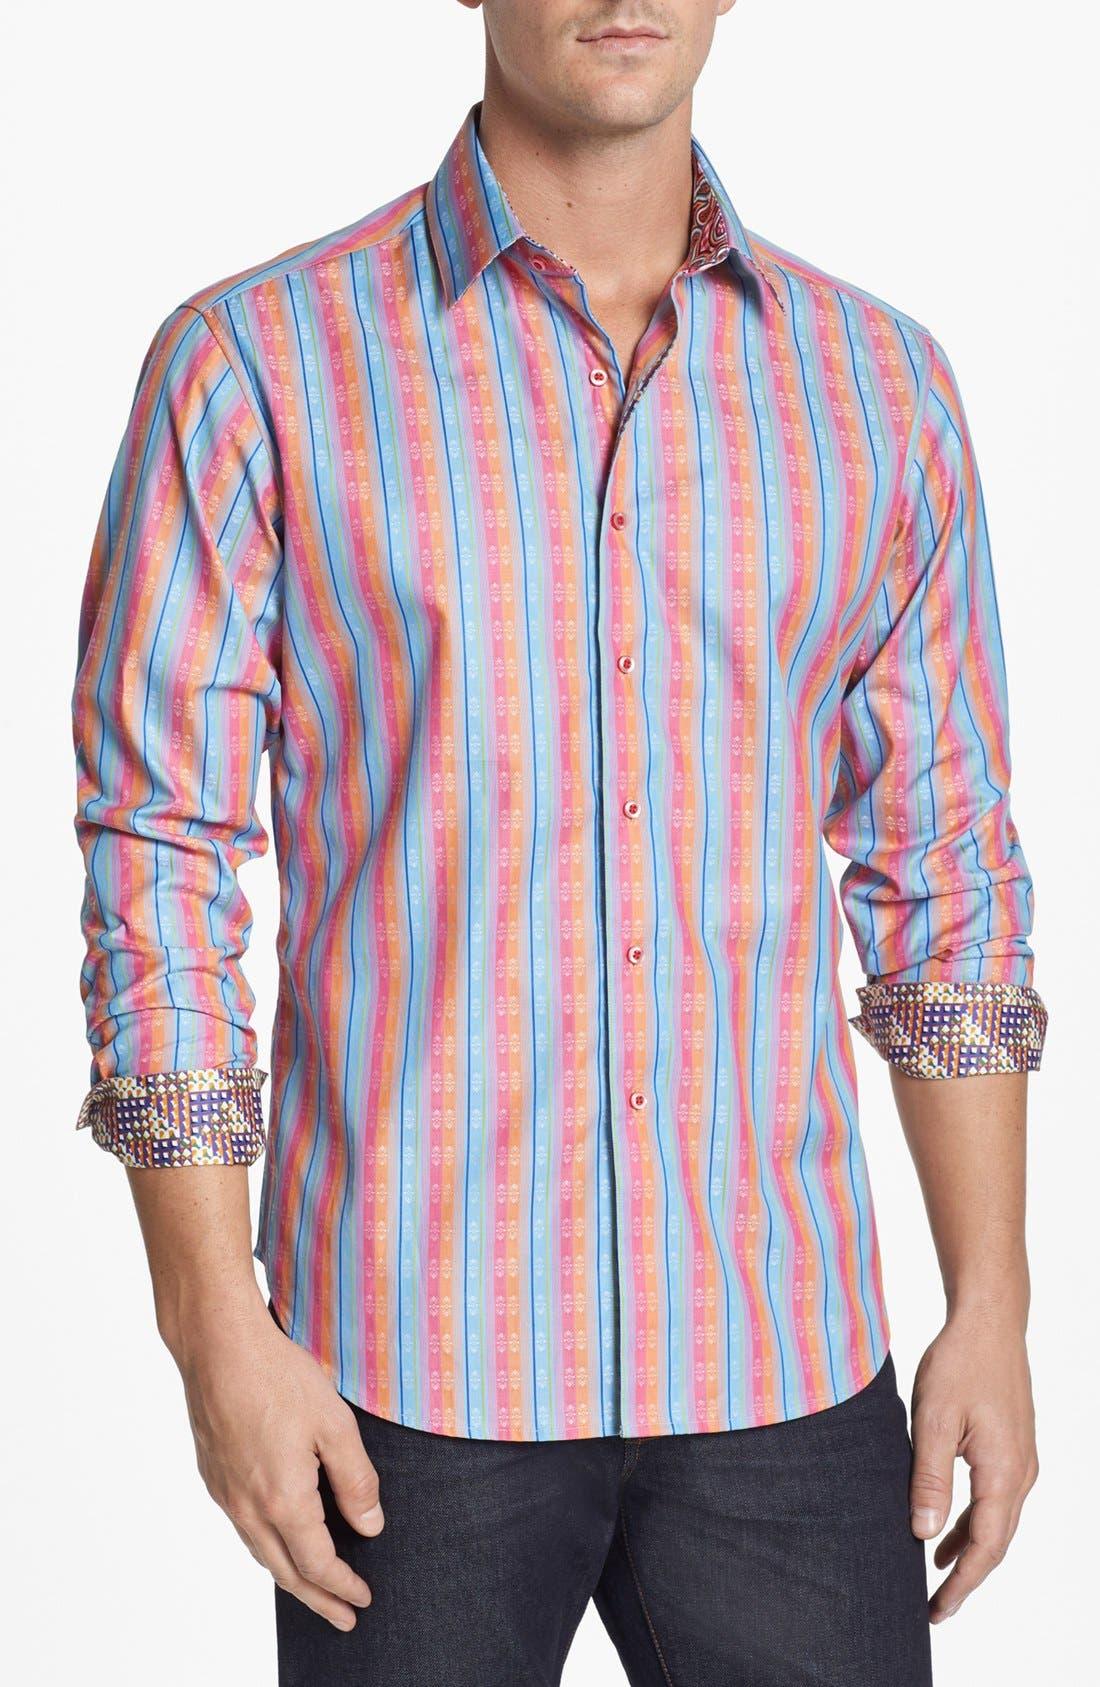 Alternate Image 1 Selected - Robert Graham 'Panama Stripe' Regular Fit Sport Shirt